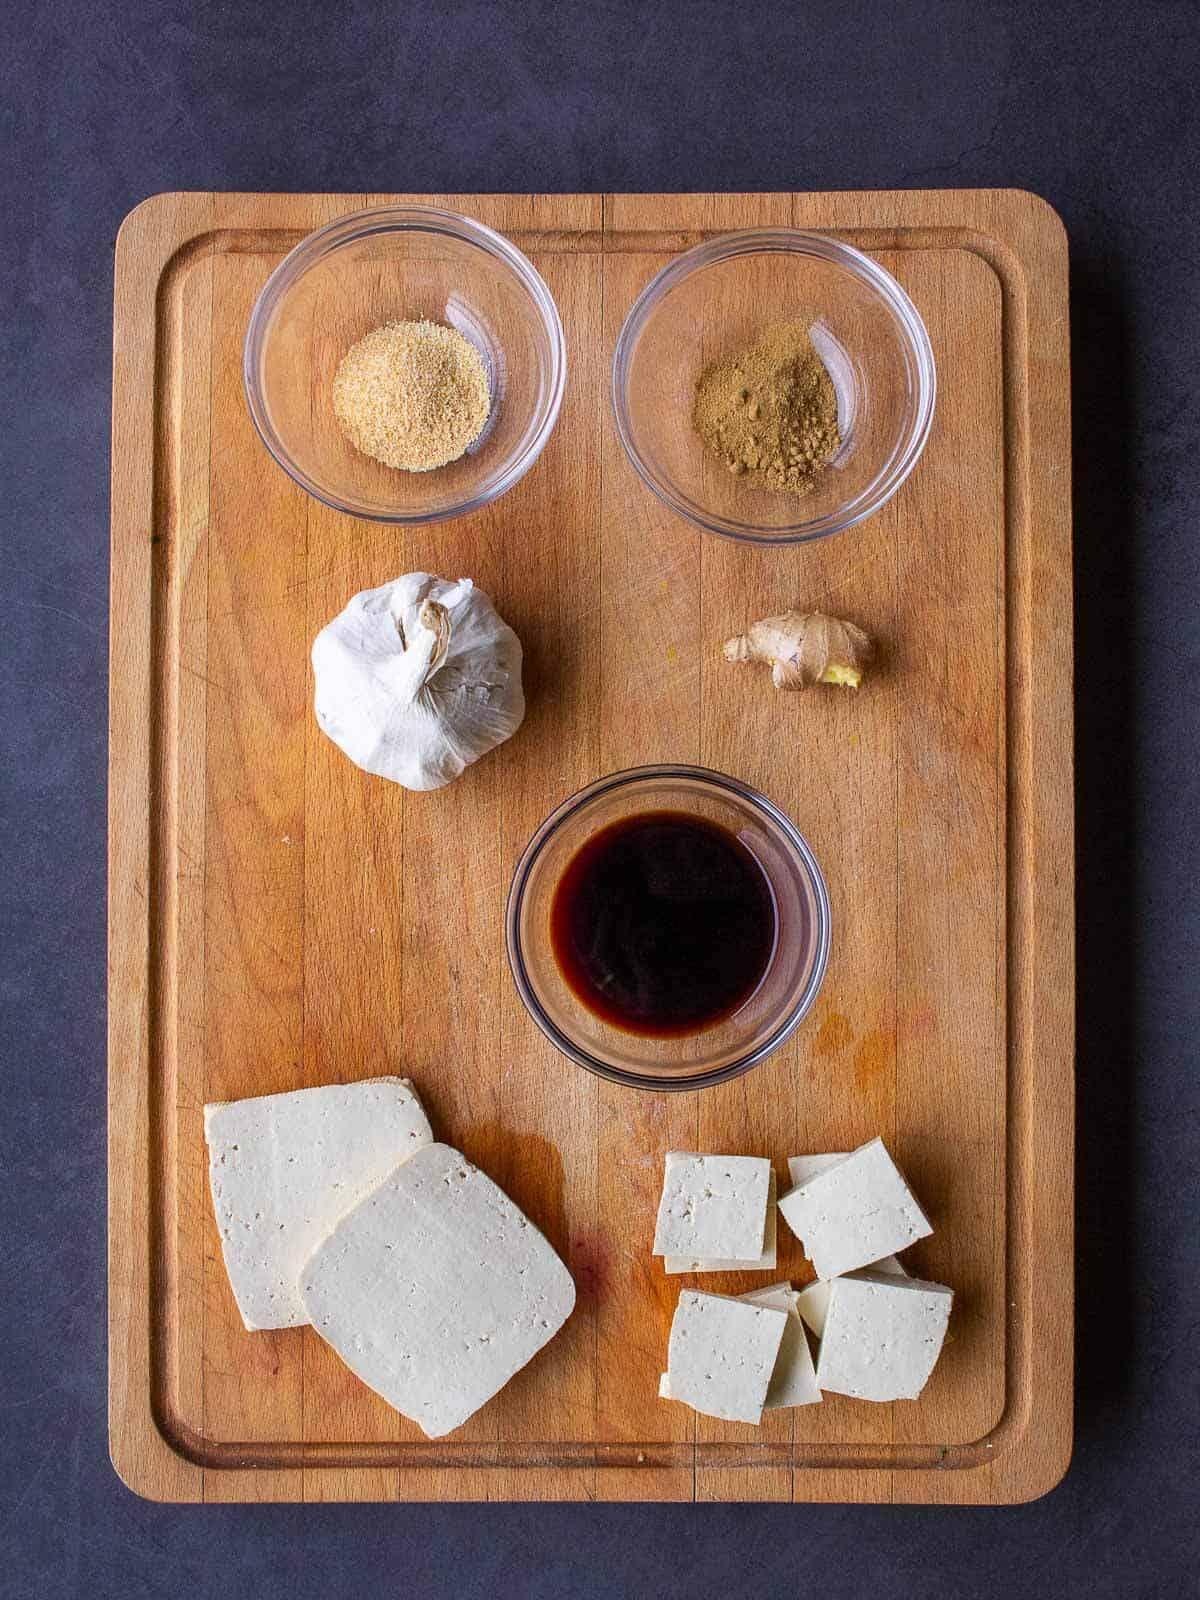 Grilled Tofu Ingredients